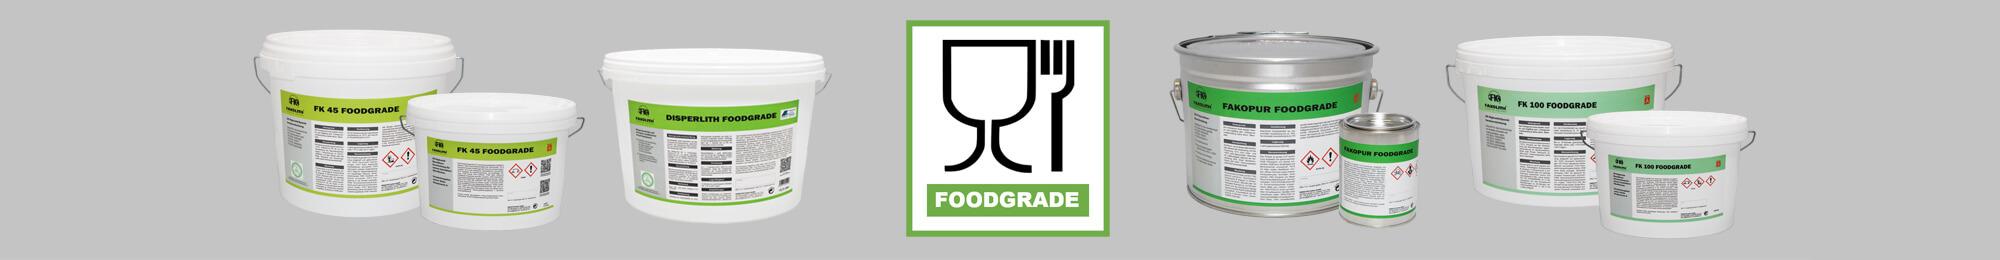 header_foodgrade